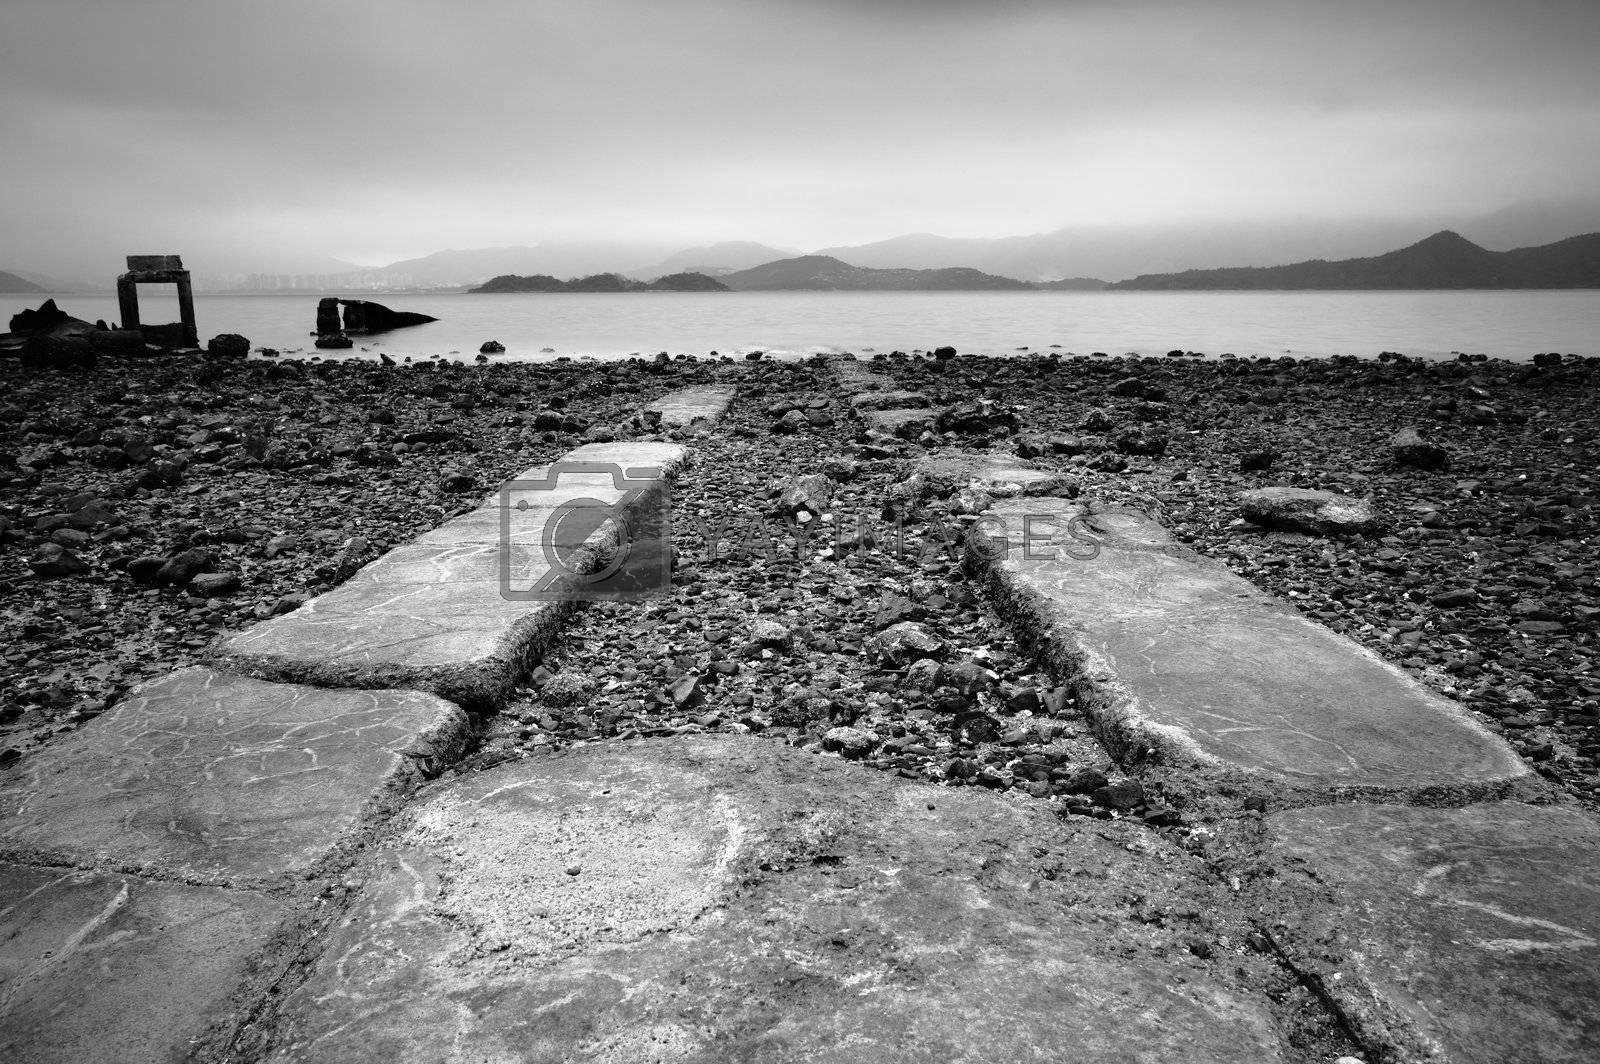 road go into sea by leungchopan